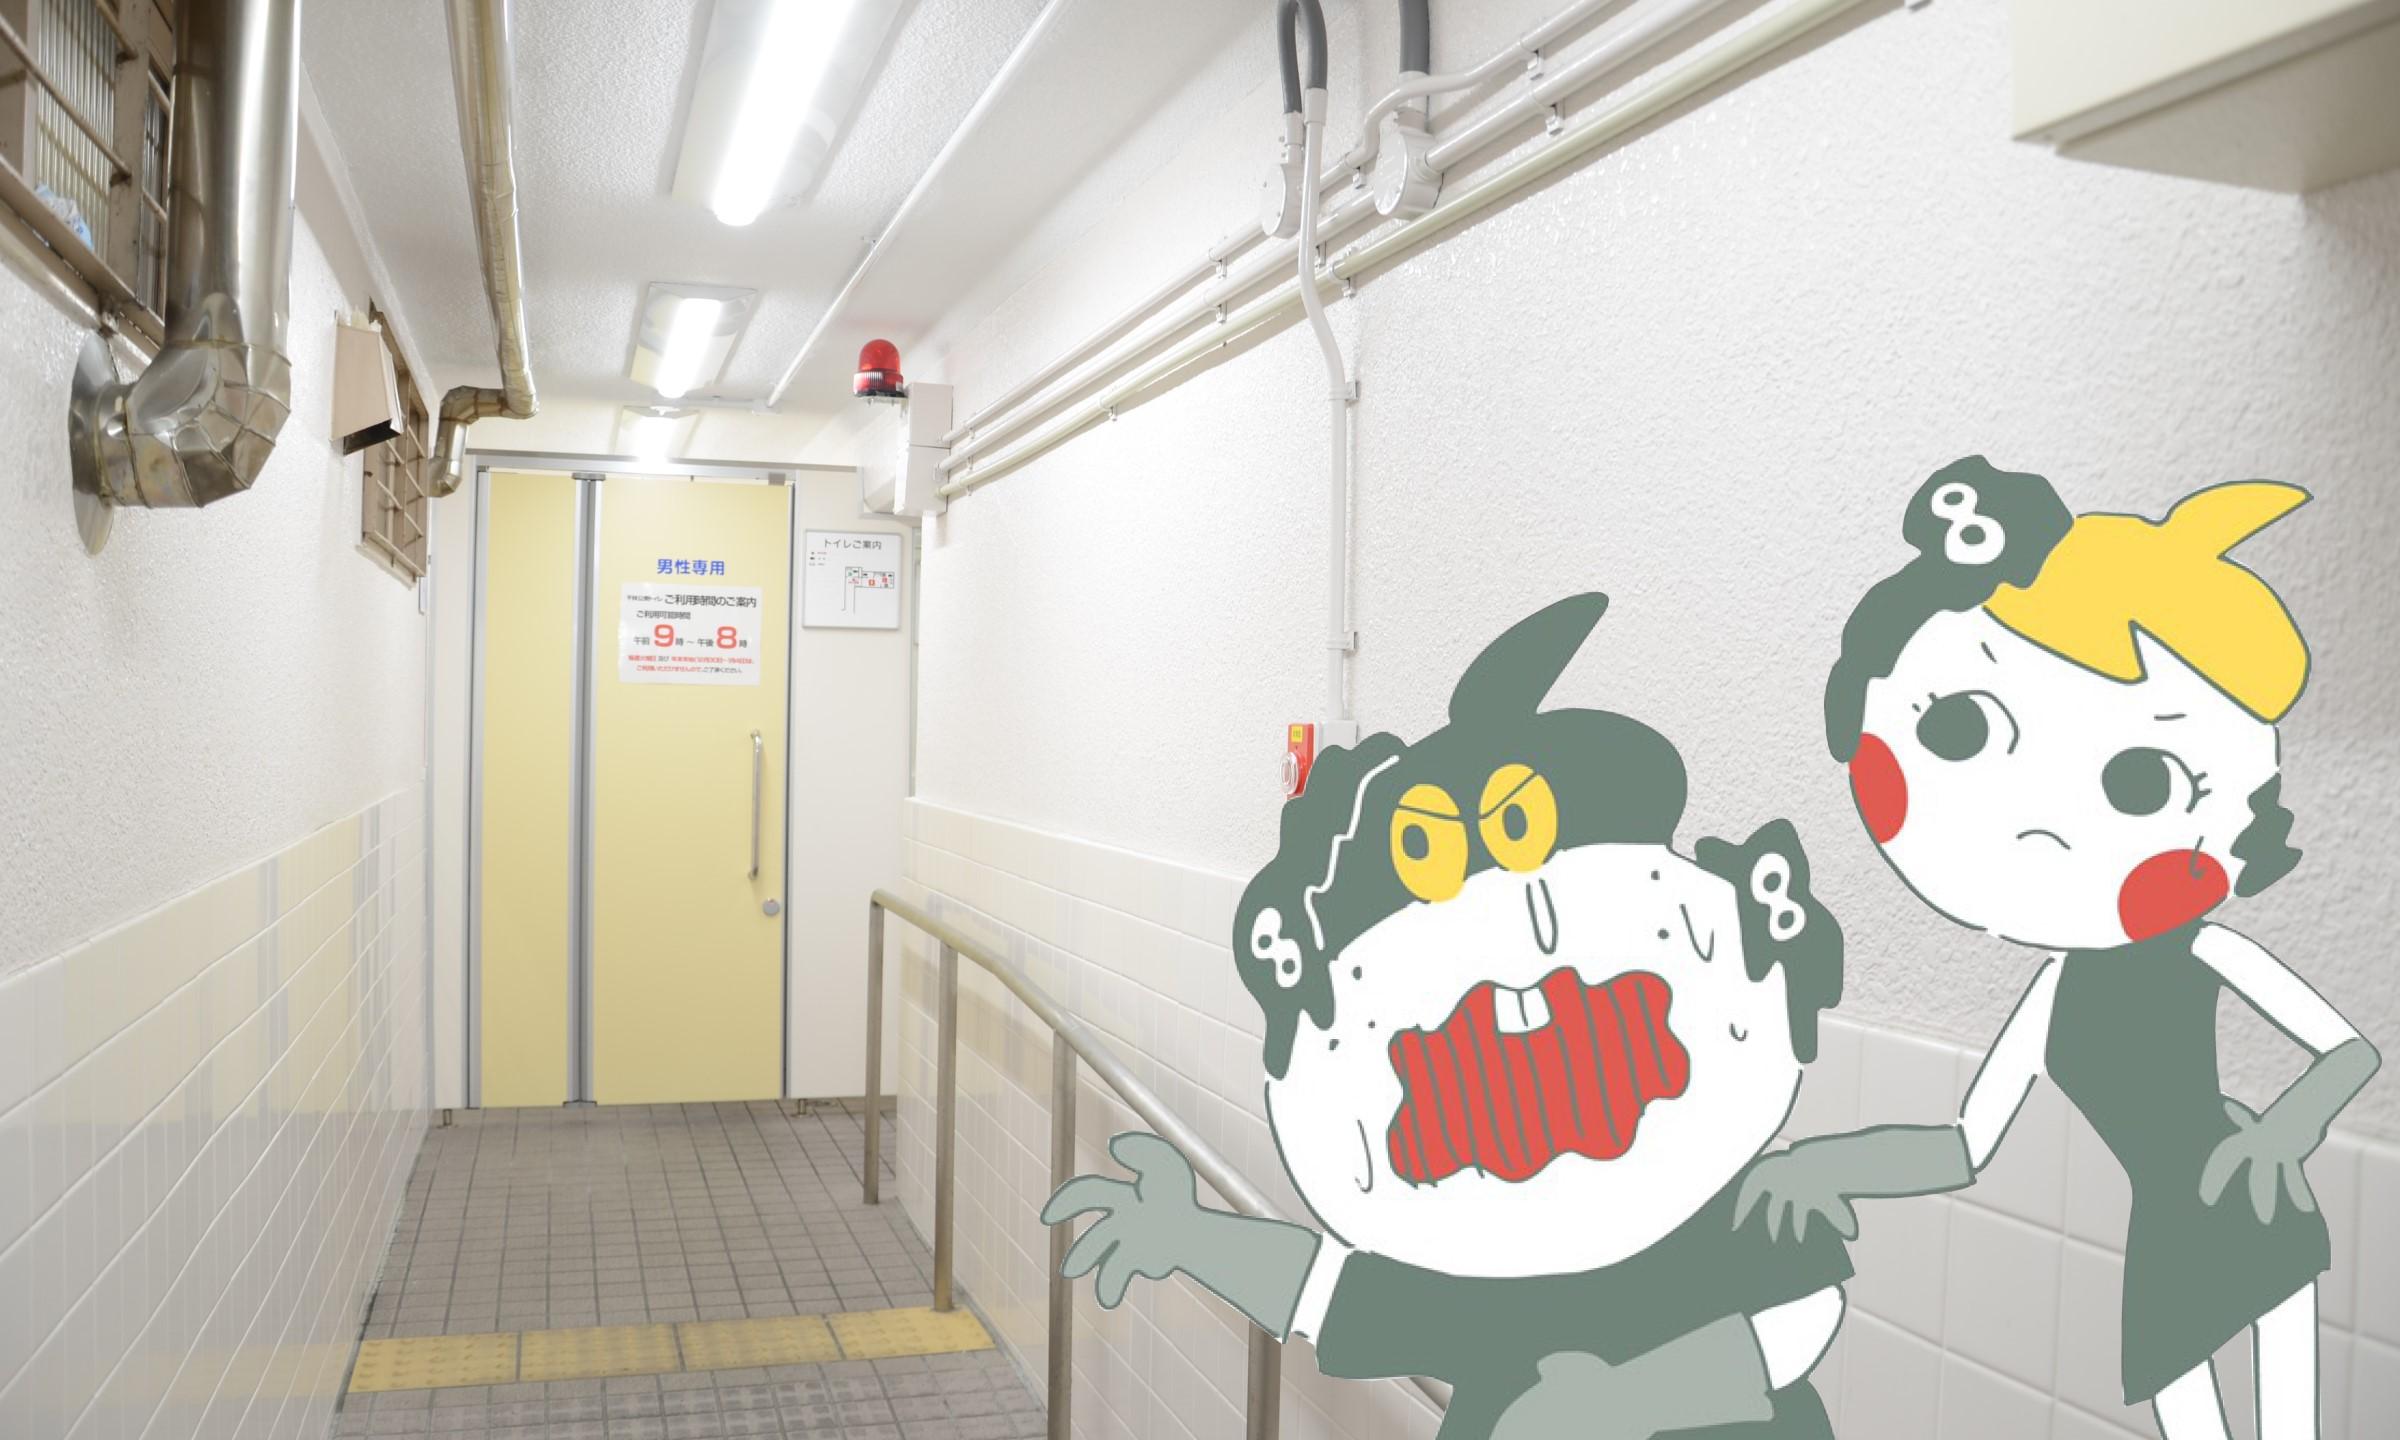 千林町公衆トイレ 生まれ変わる!